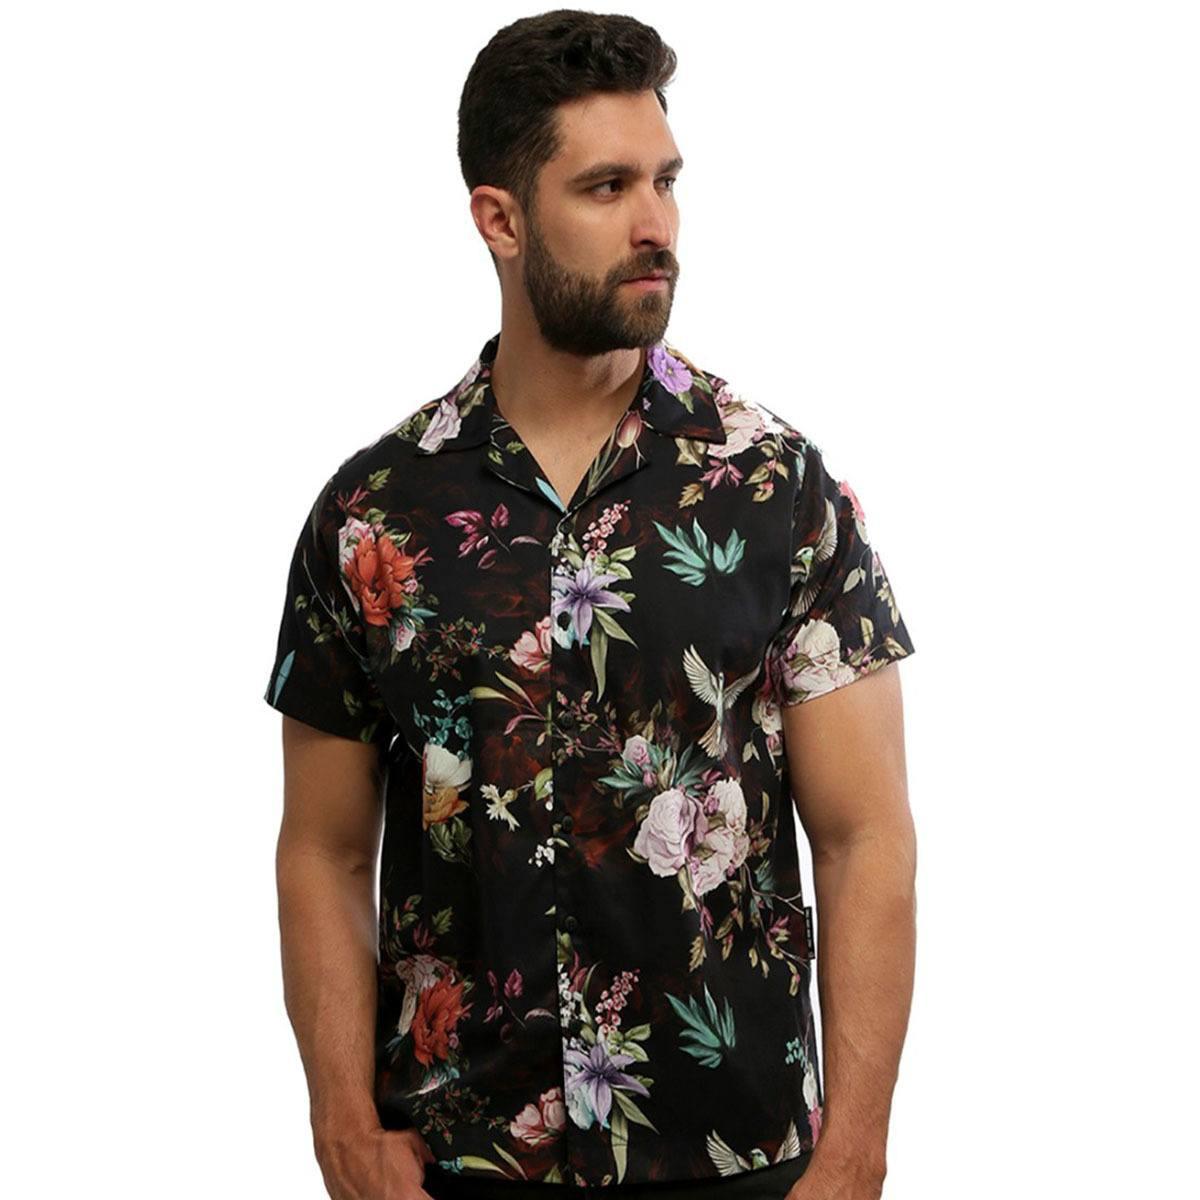 Camisa masculina manga curta estampada com botão 100% algodão Eden - Hardivision